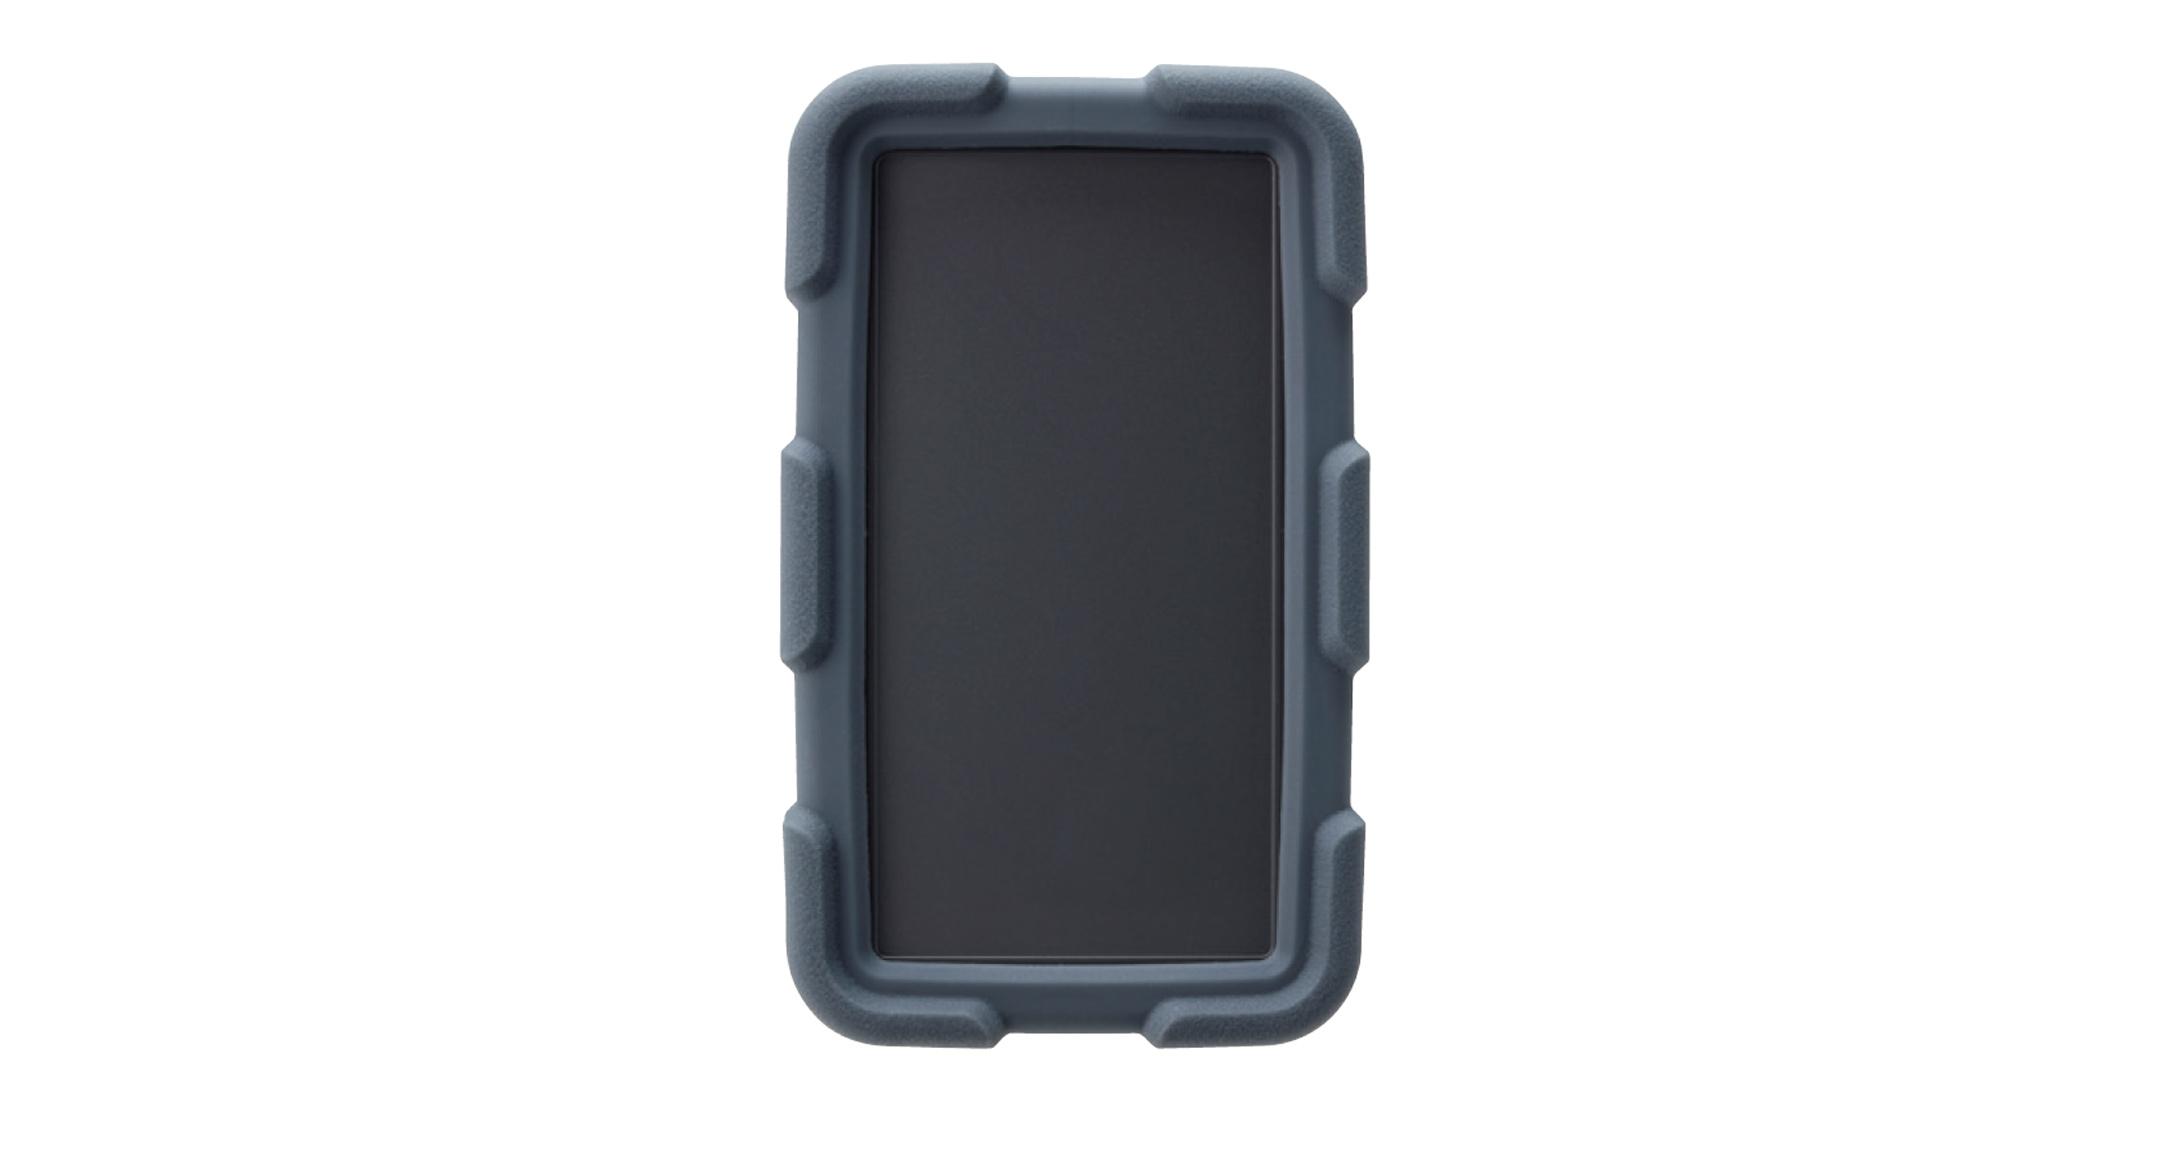 耐衝撃シリコンカバー付プラスチックケース LCTシリーズ:ダークグレー/ダークグレーの画像